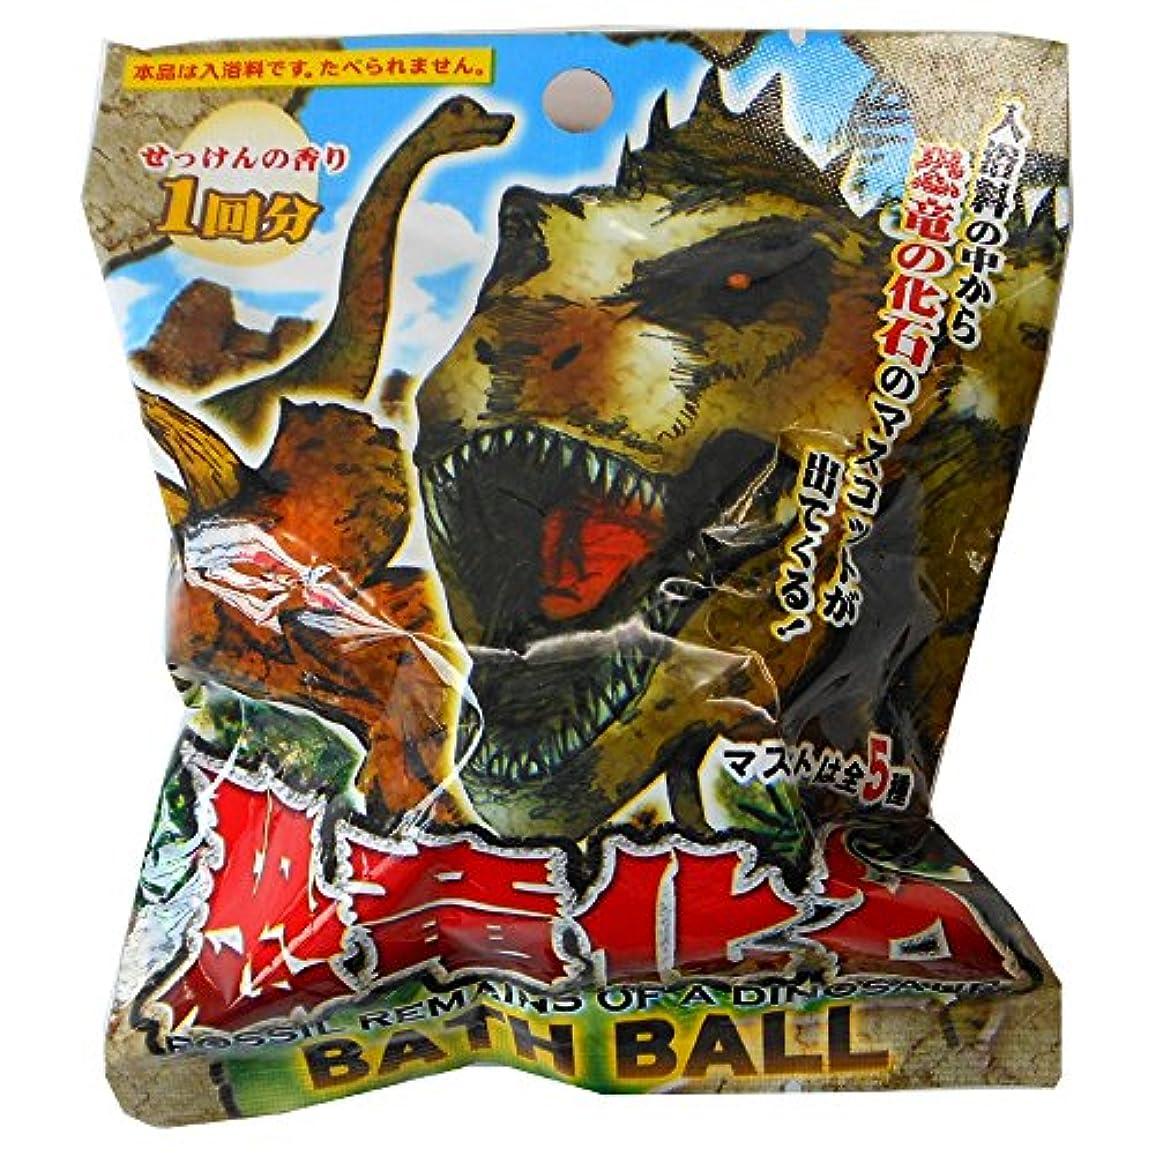 クリケット教育する登場恐竜化石バスボ-ル 2AS24